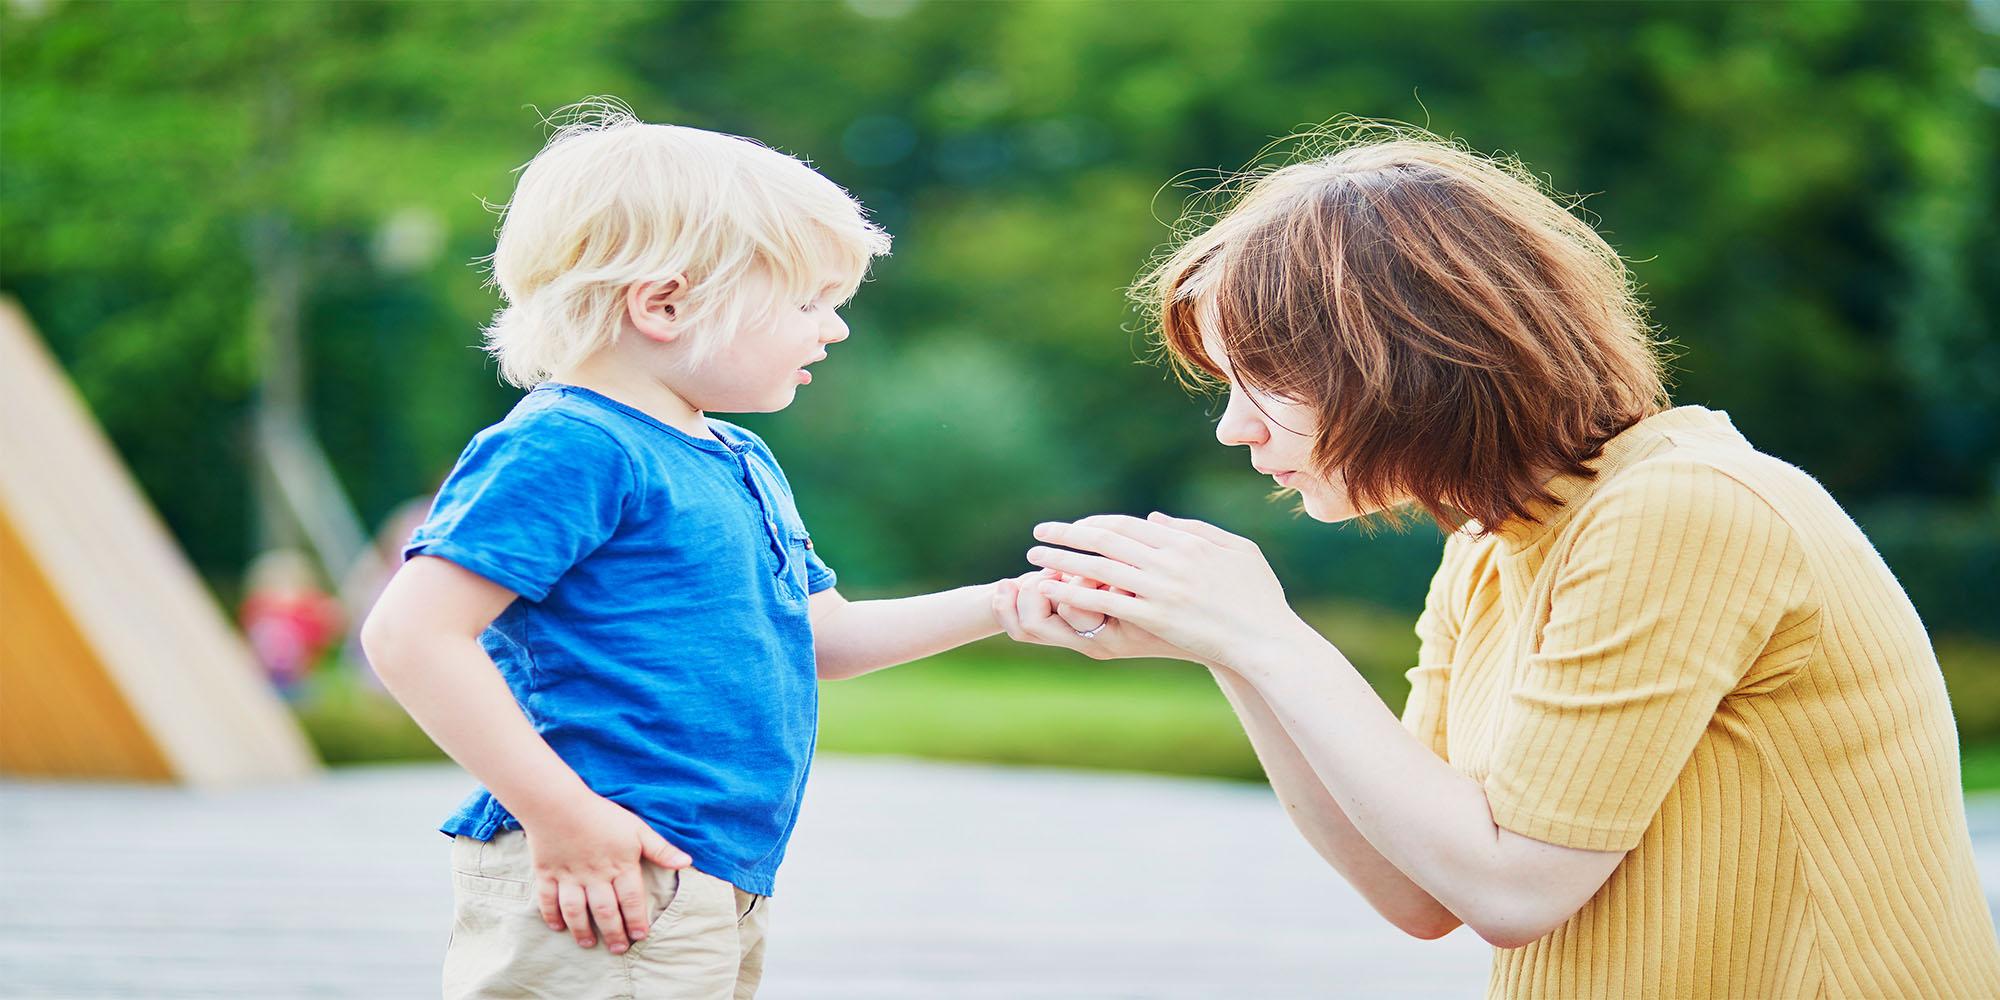 Niño con herida y madre que le ayuda. accidentes infantiles